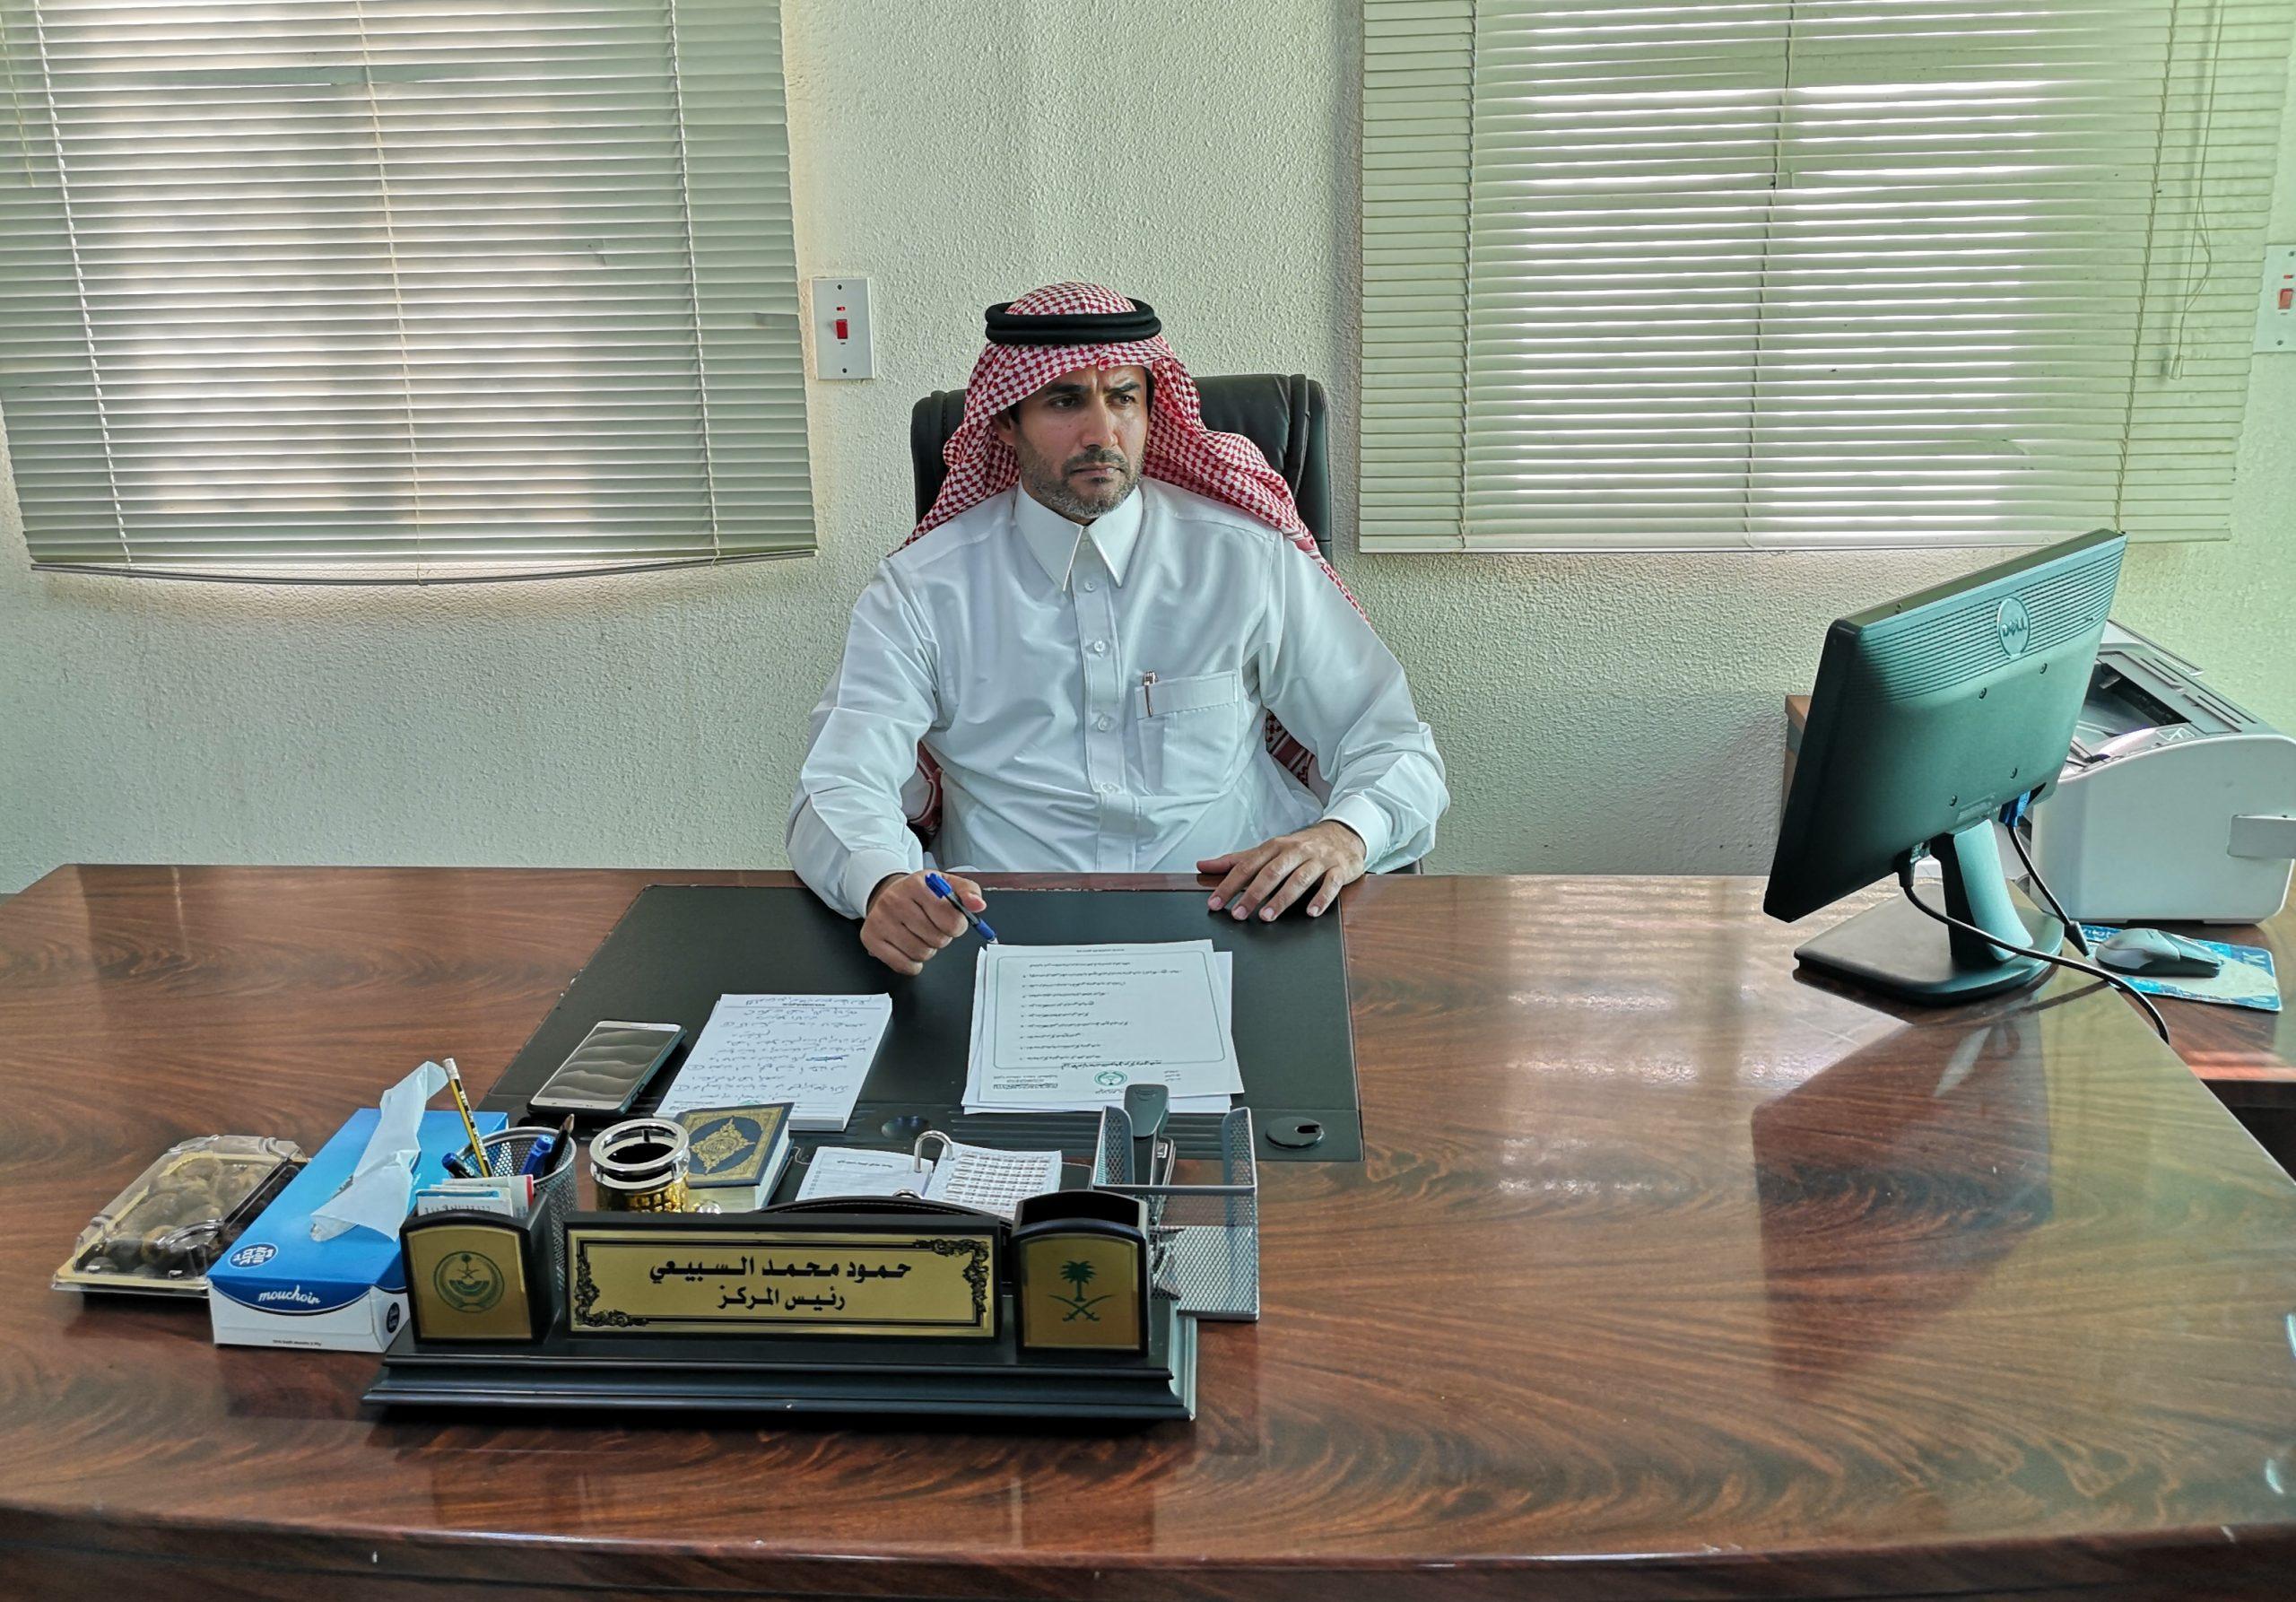 رئيس مركز وادي قديد : قرار منع التجوال له مصلحته الخاصة والعامة